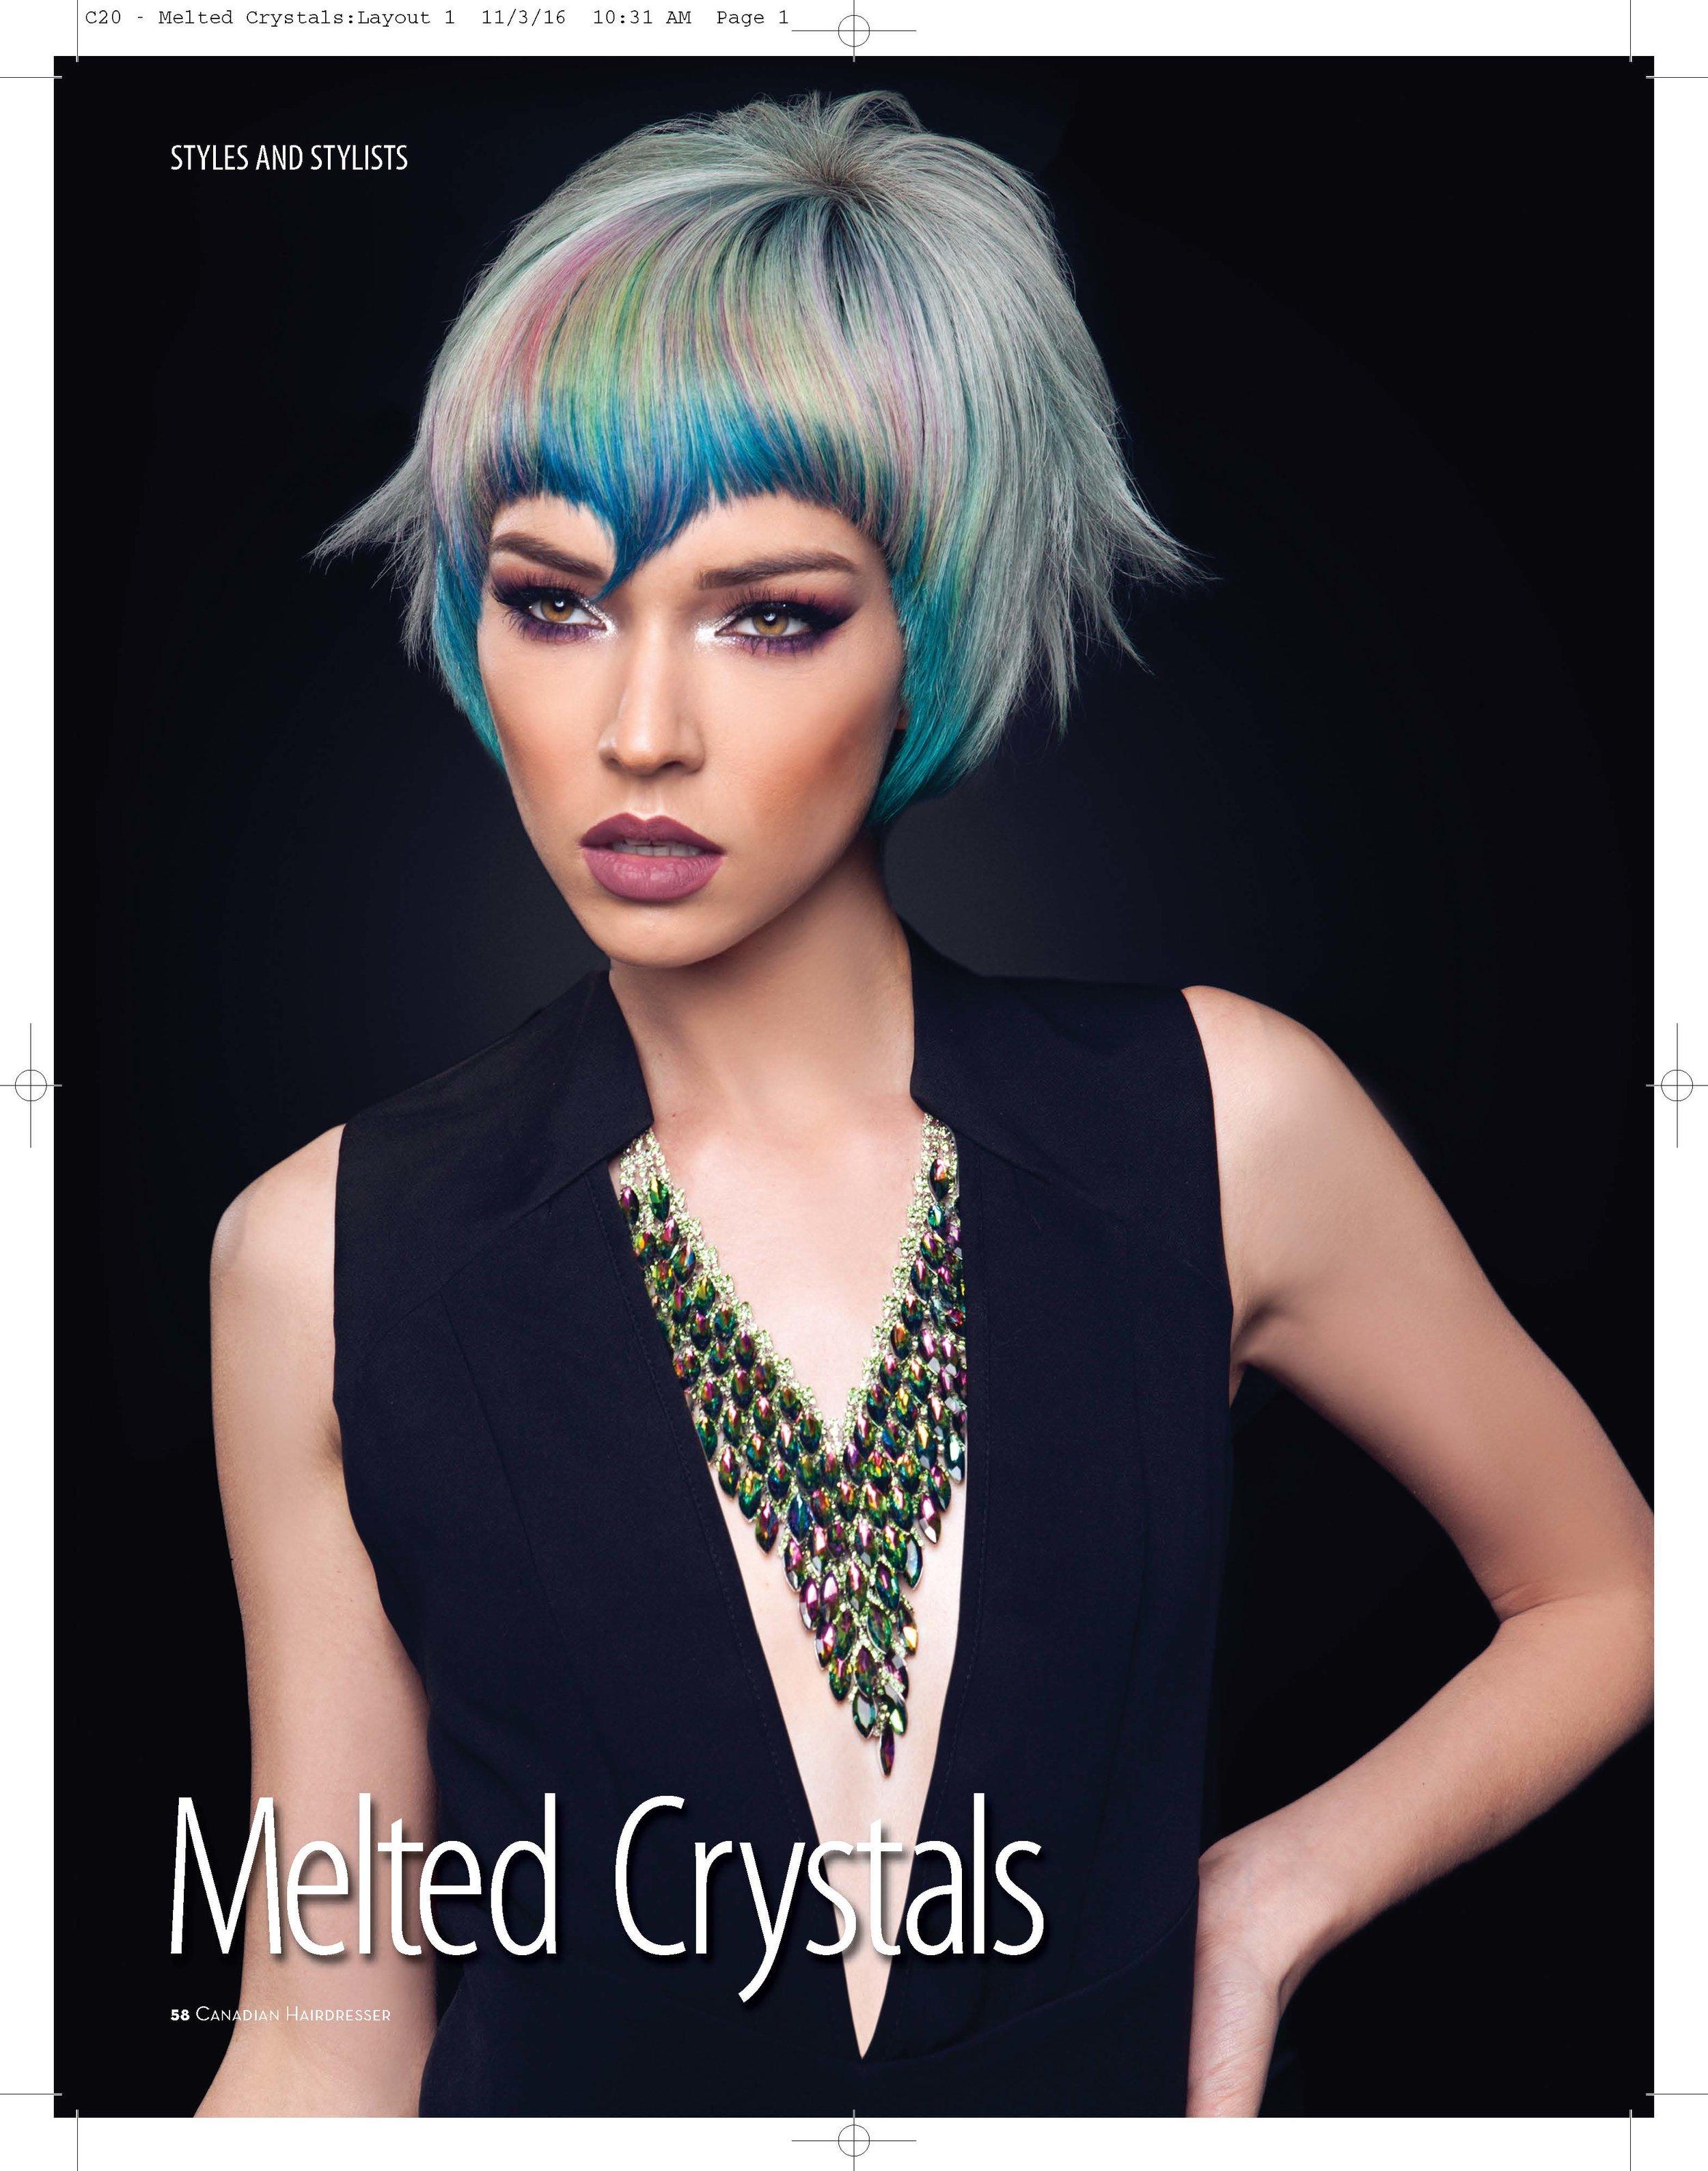 Canadian Hairdresser Dec. 16 58-59_Page_1.jpg